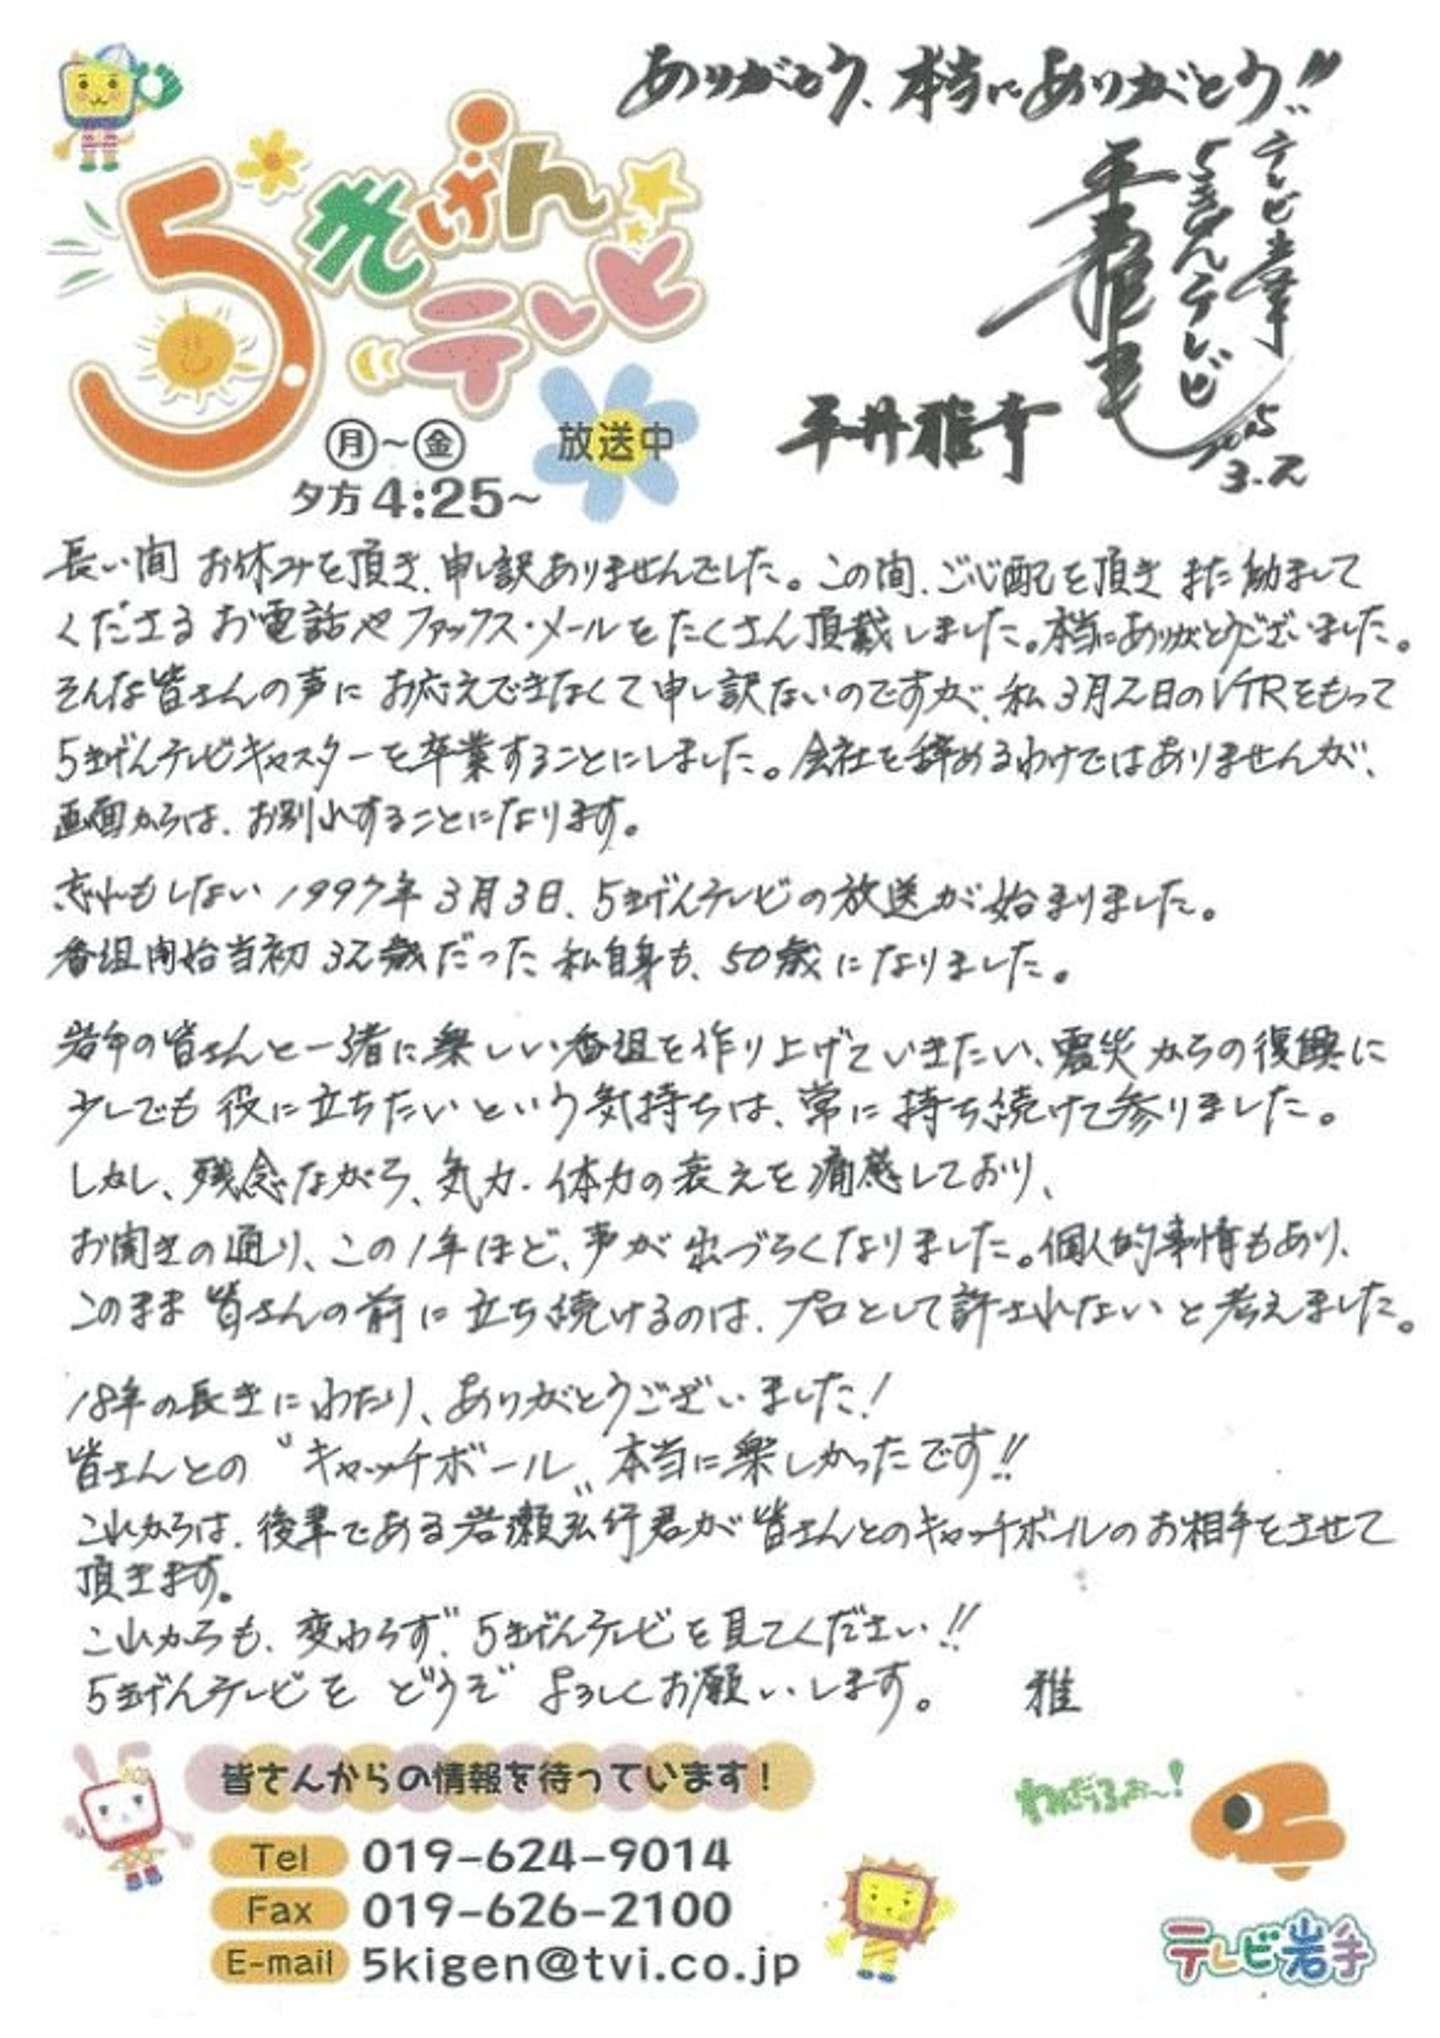 平井雅幸アナウンサーの卒業メッセージ(テレビ岩手ウェブサイトより)